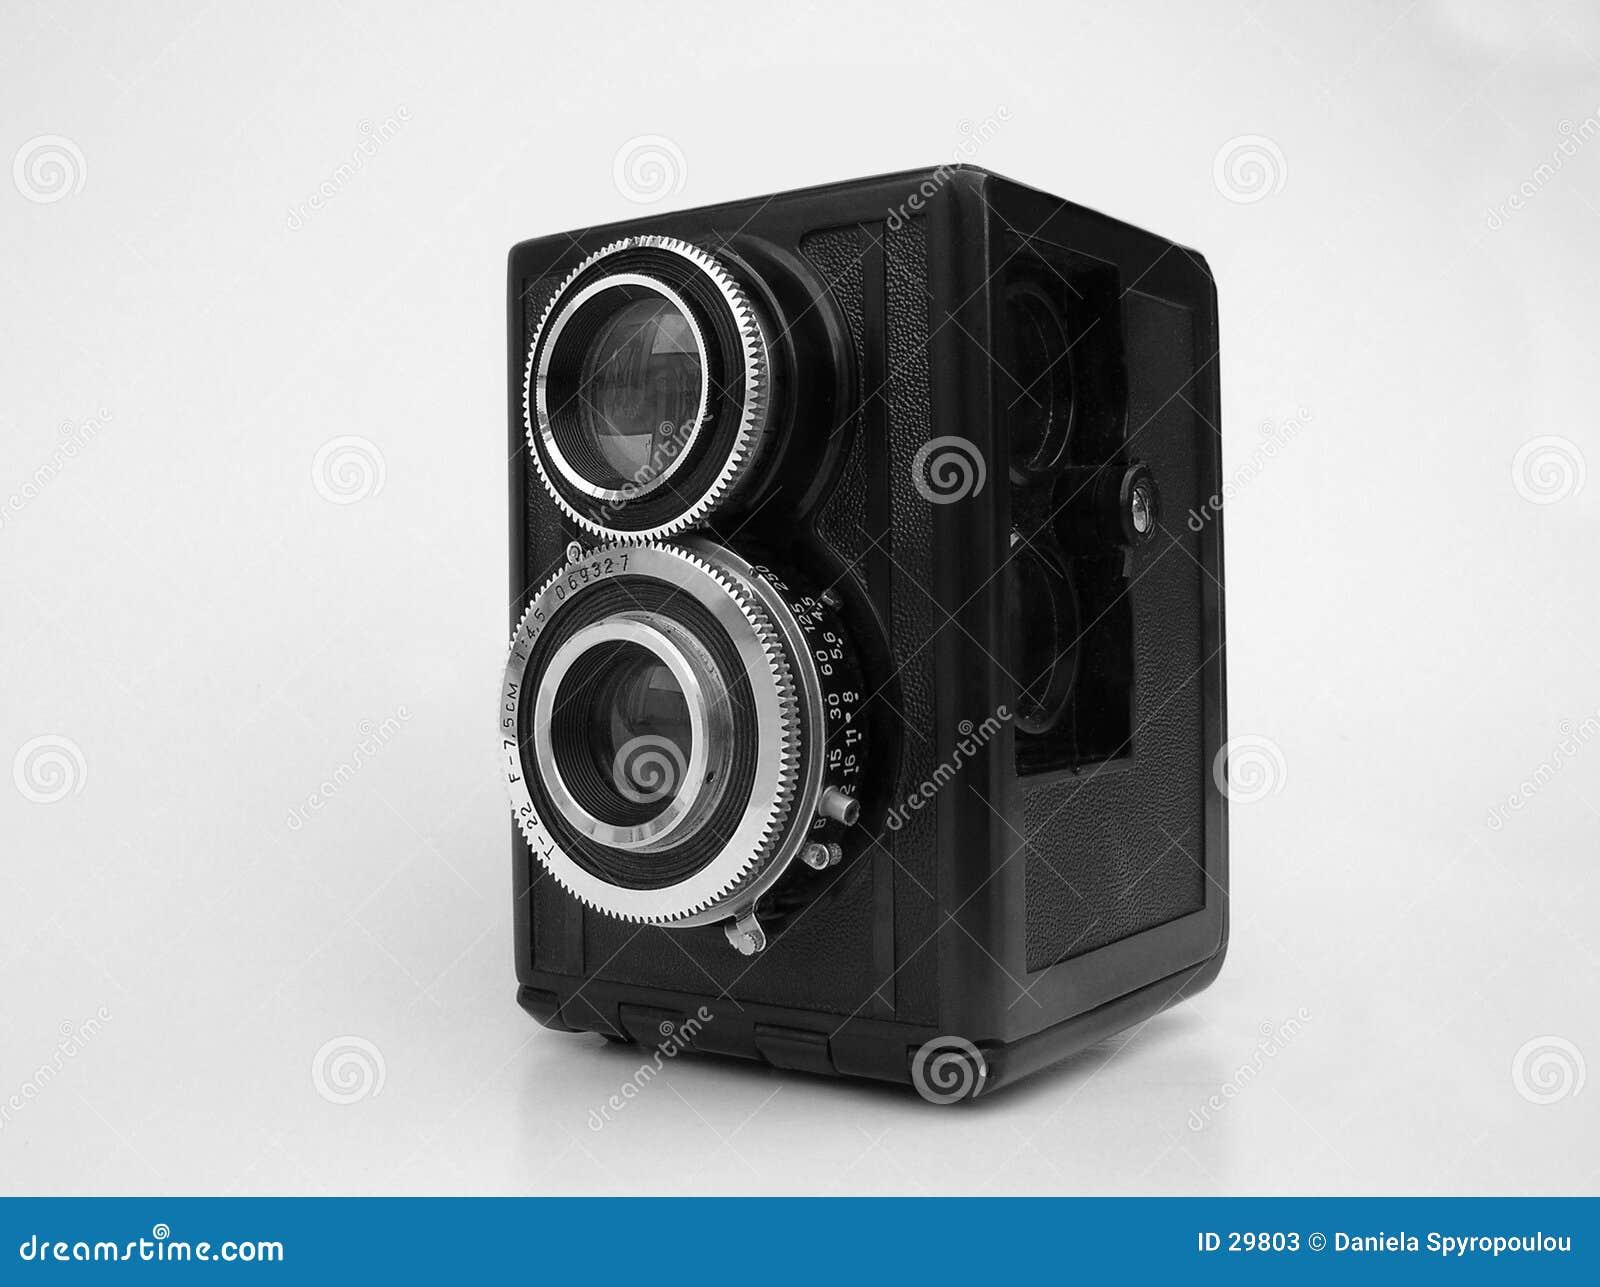 Download Macchina Fotografica Dell'annata Di B/w Immagine Stock - Immagine di oggetto, isolato: 29803